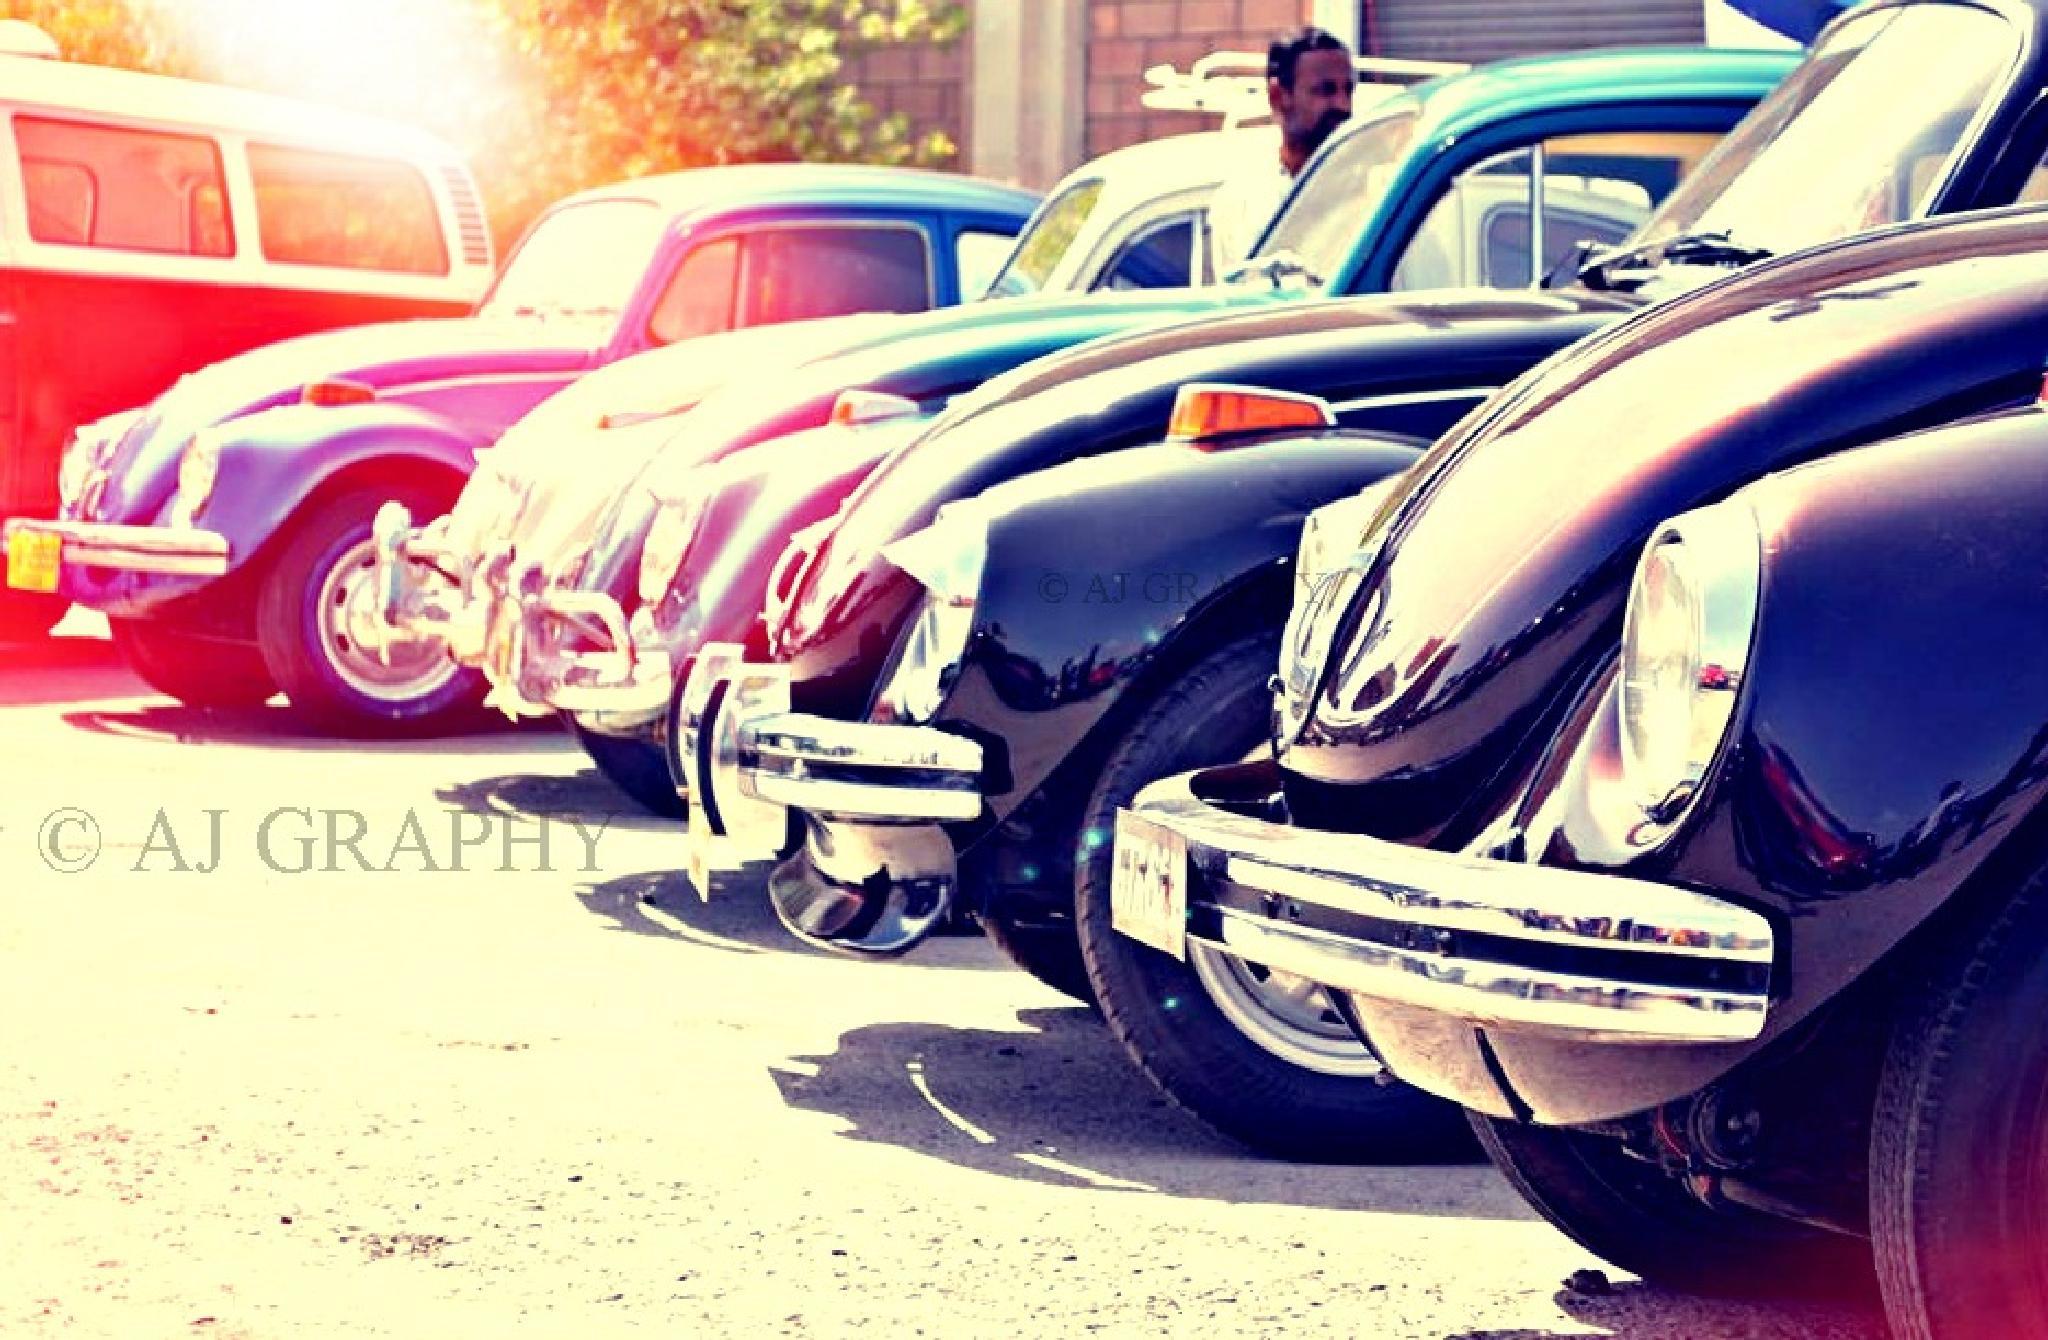 Volkwagen Beetle (Foxy) by AJ GRAPHY